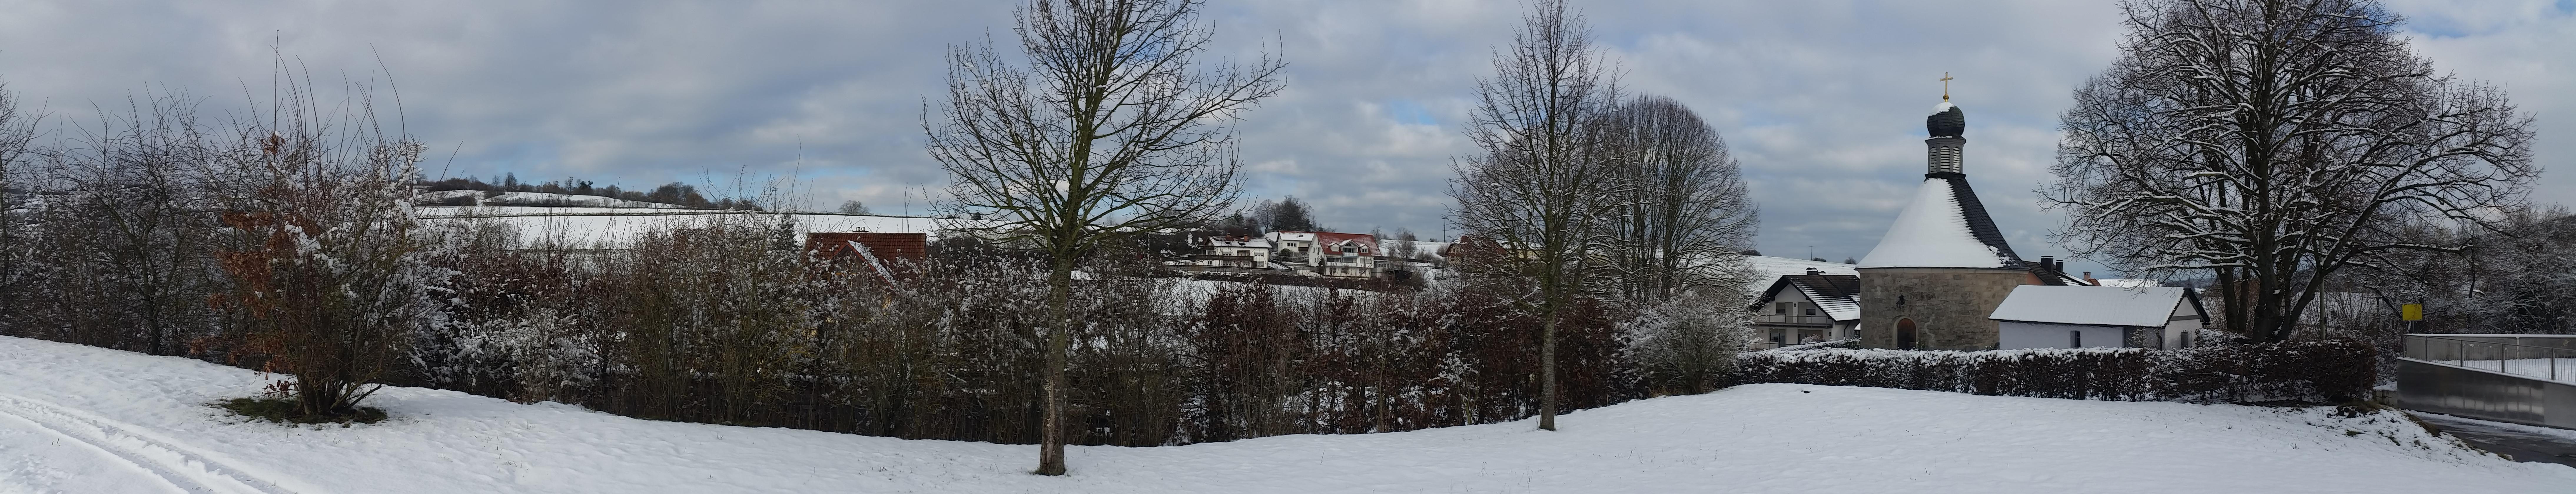 winterbild_2